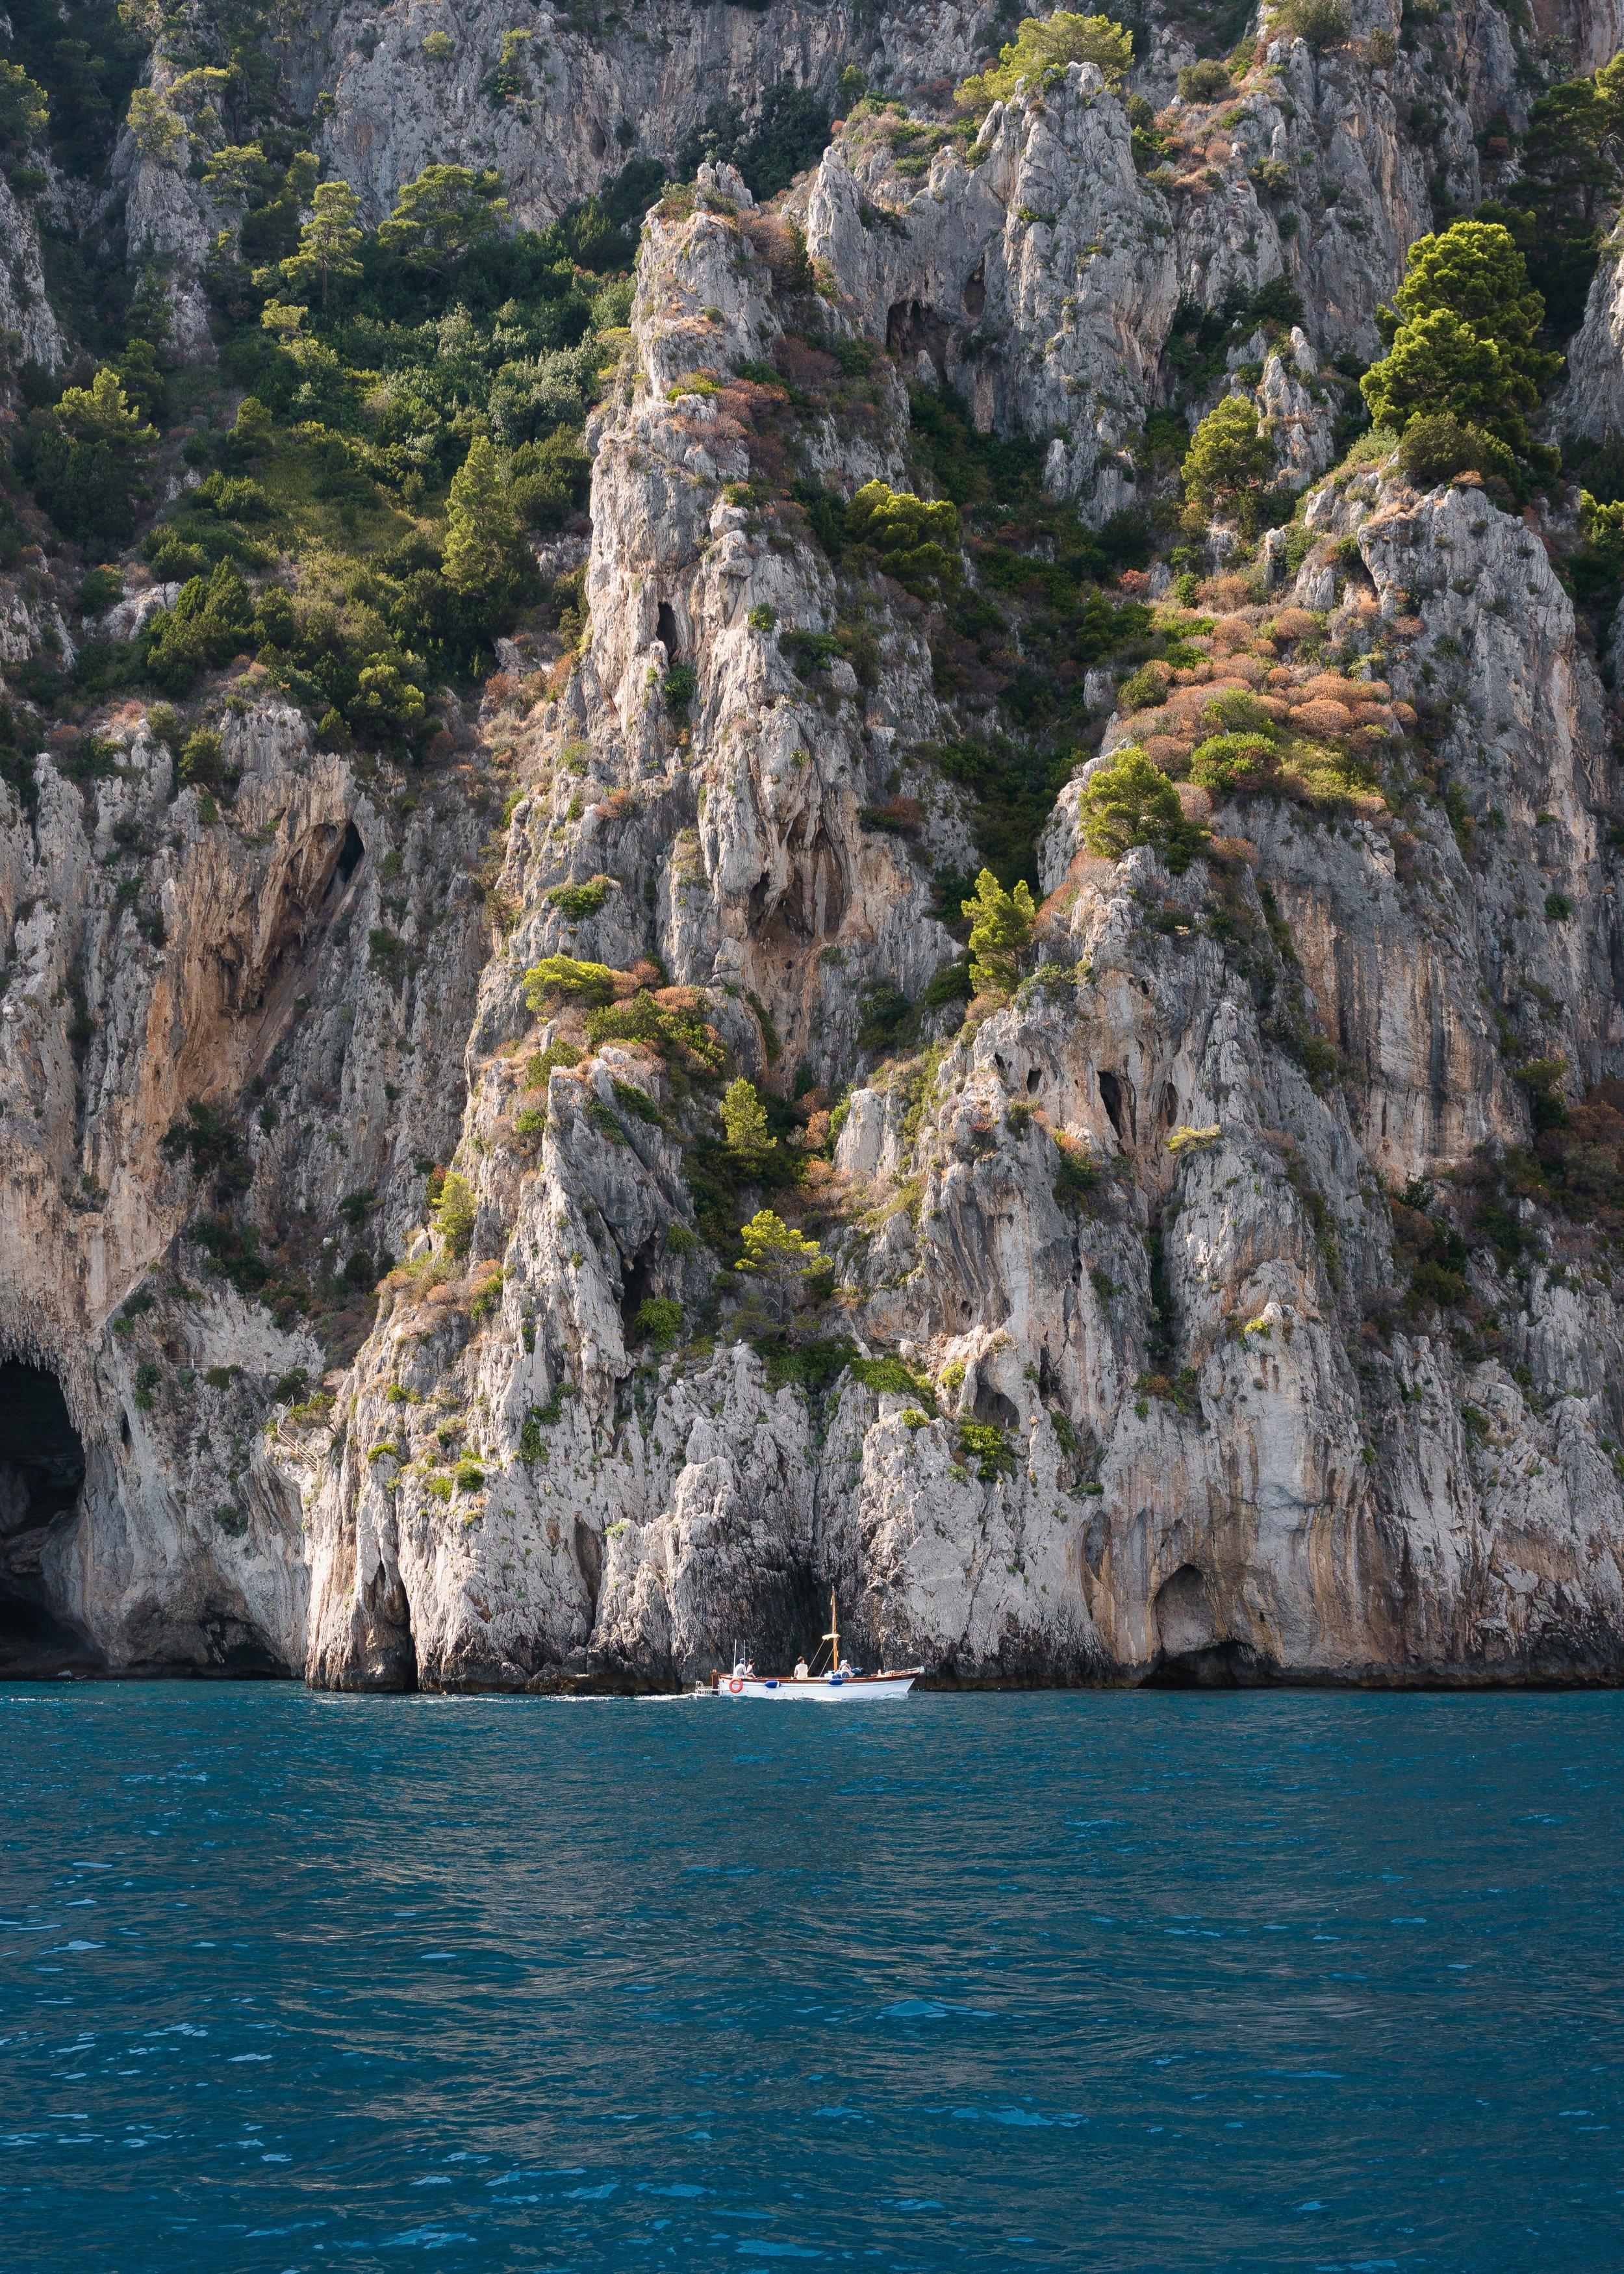 boat-capri-cliff-1615677.jpg